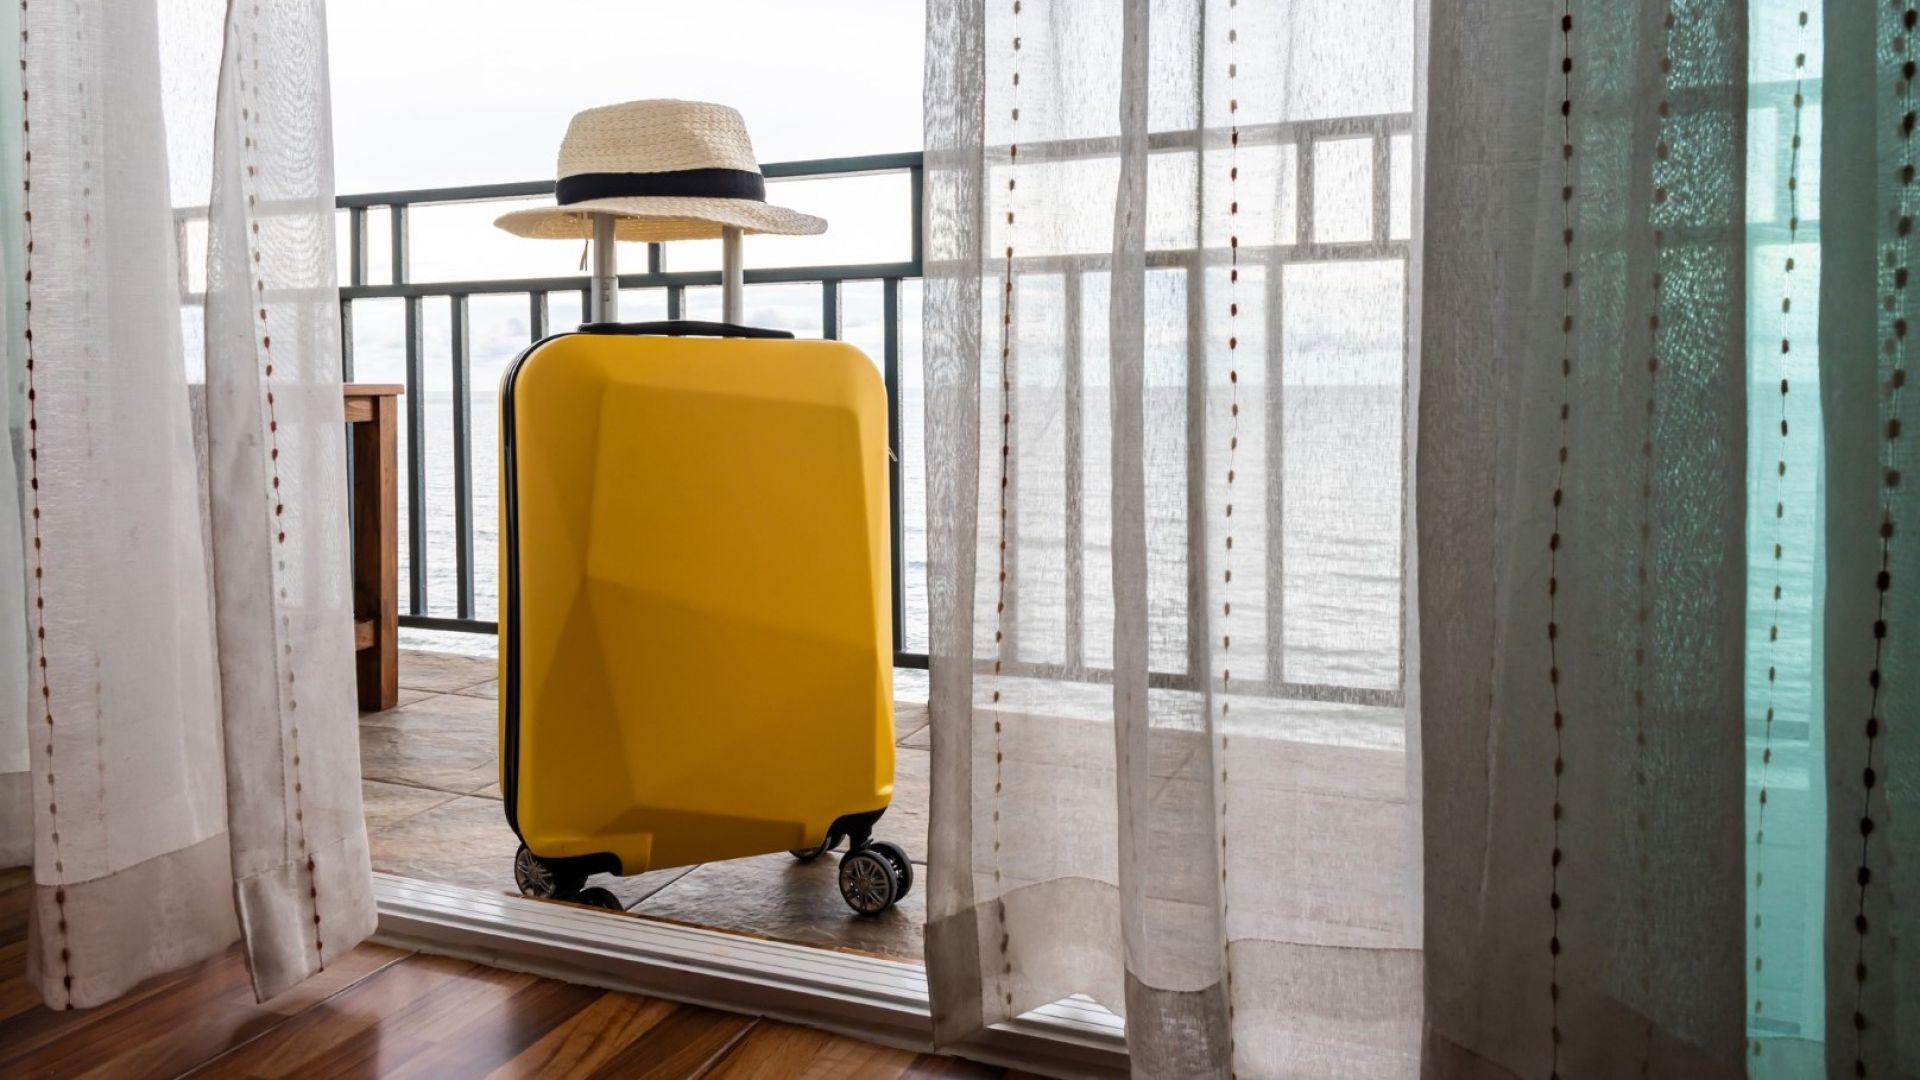 10 трика за престой в хотел, които ще ви спестят нерви и проблеми